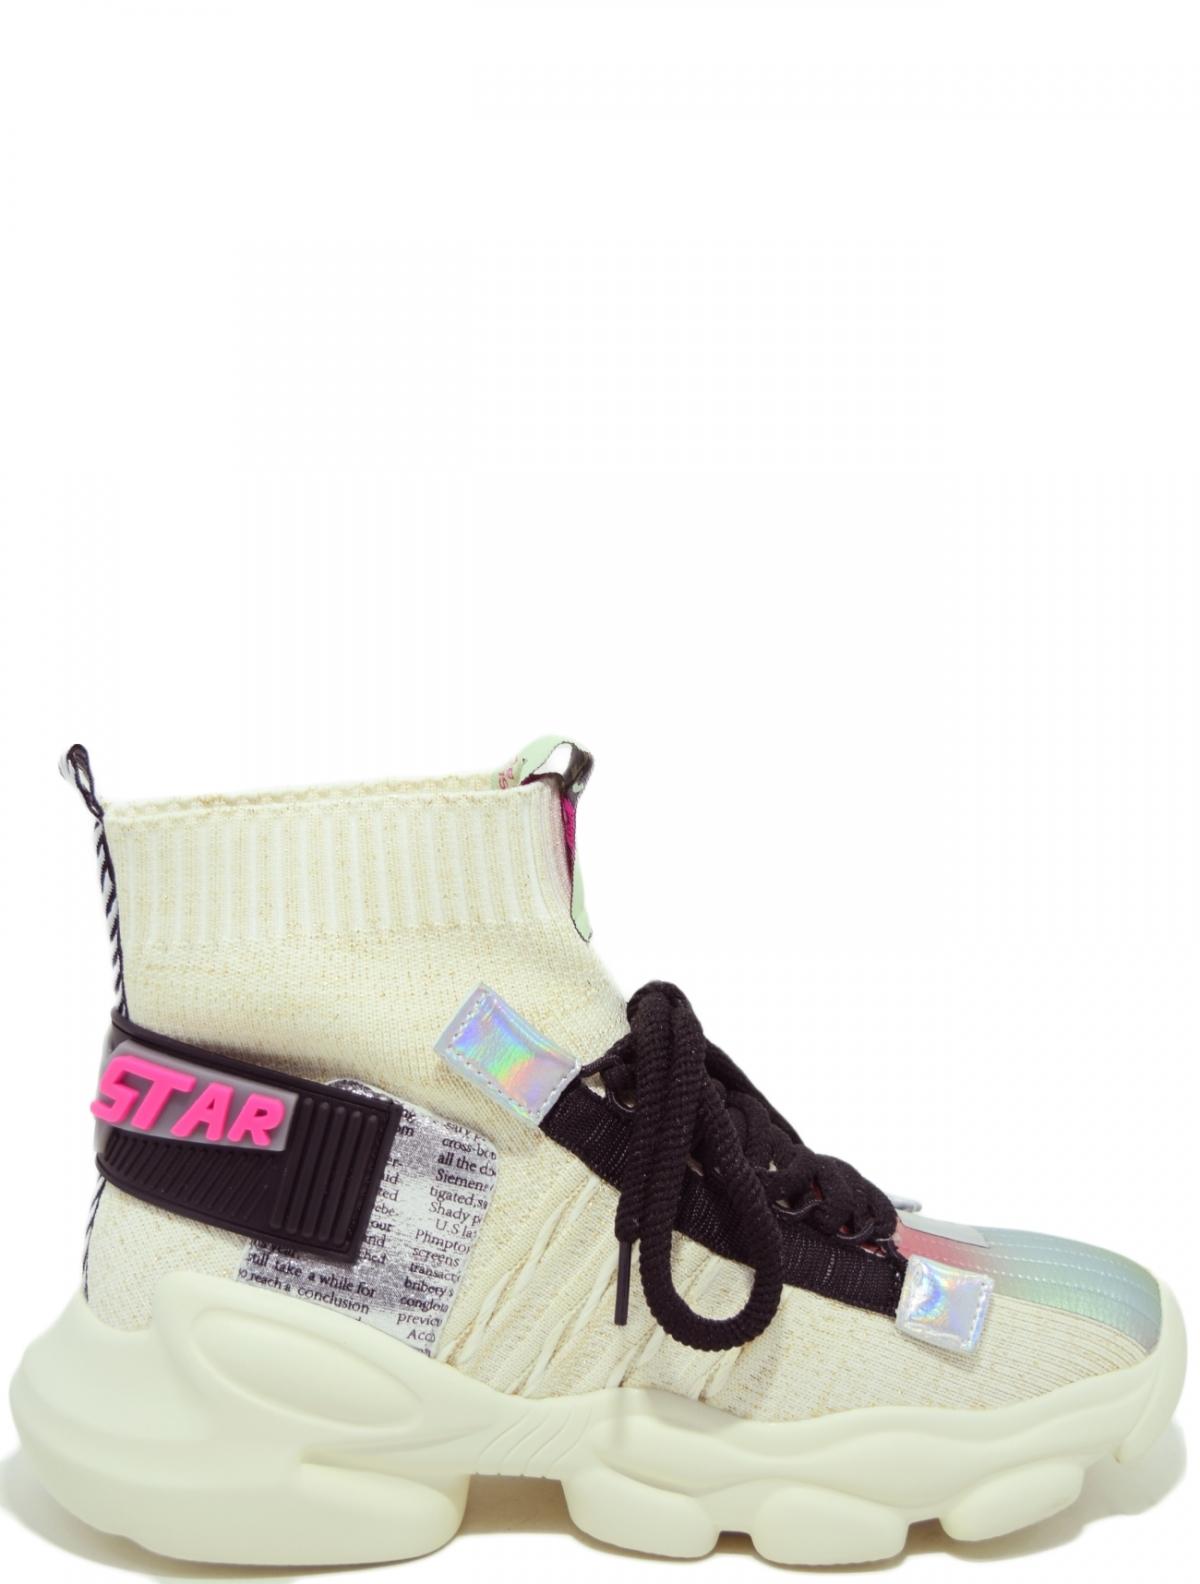 S.Rose A17010-2 женские кроссовки